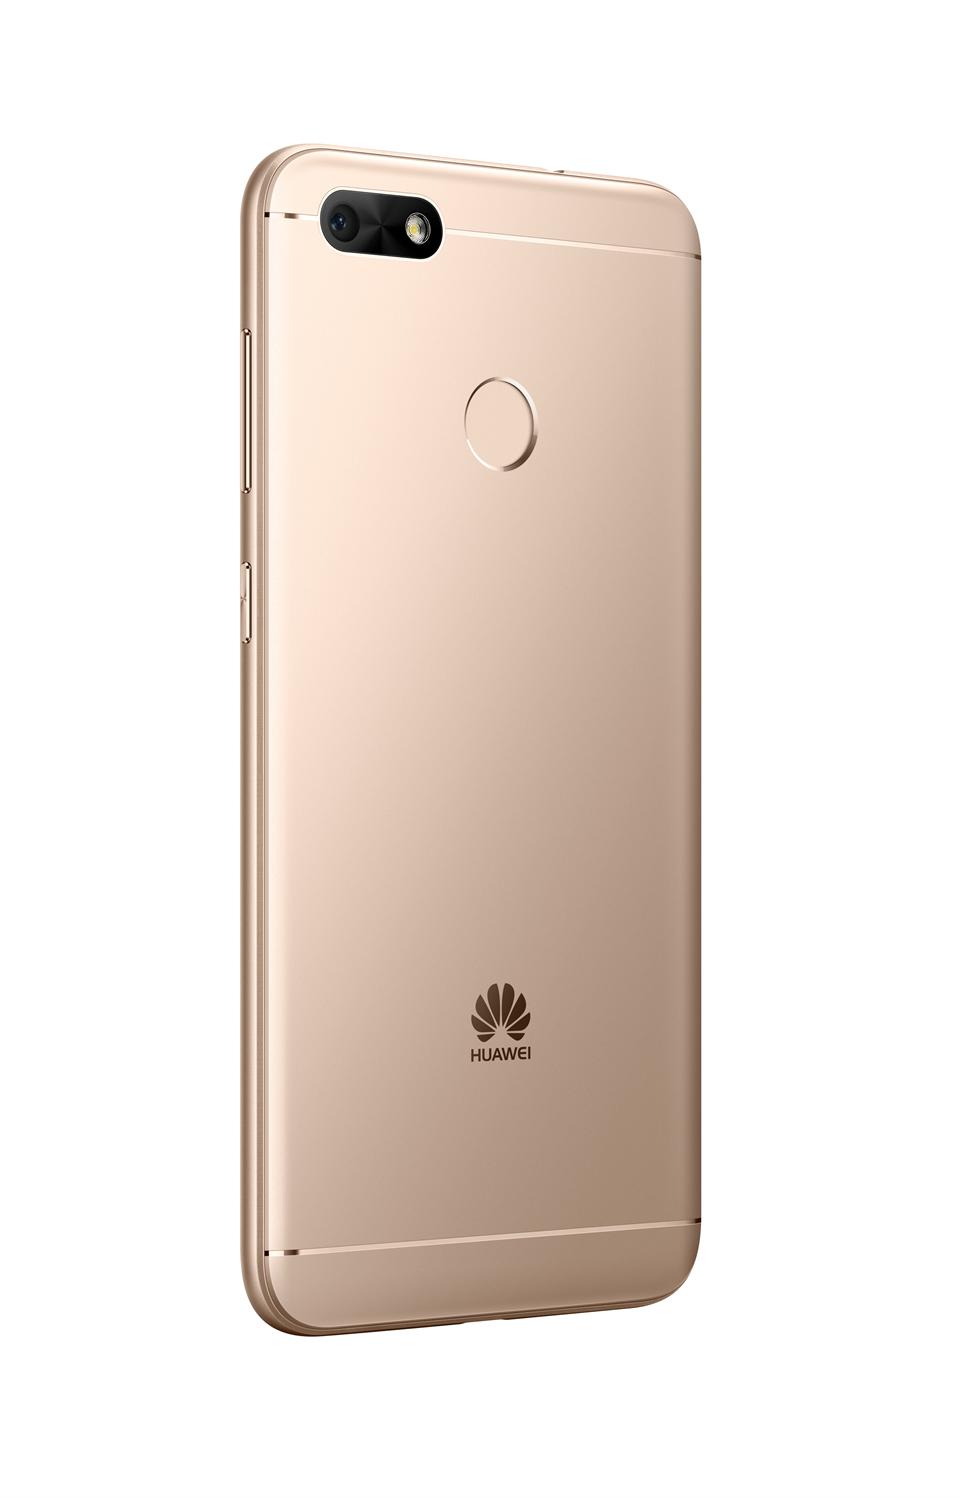 Huawei P9 Lite Mini